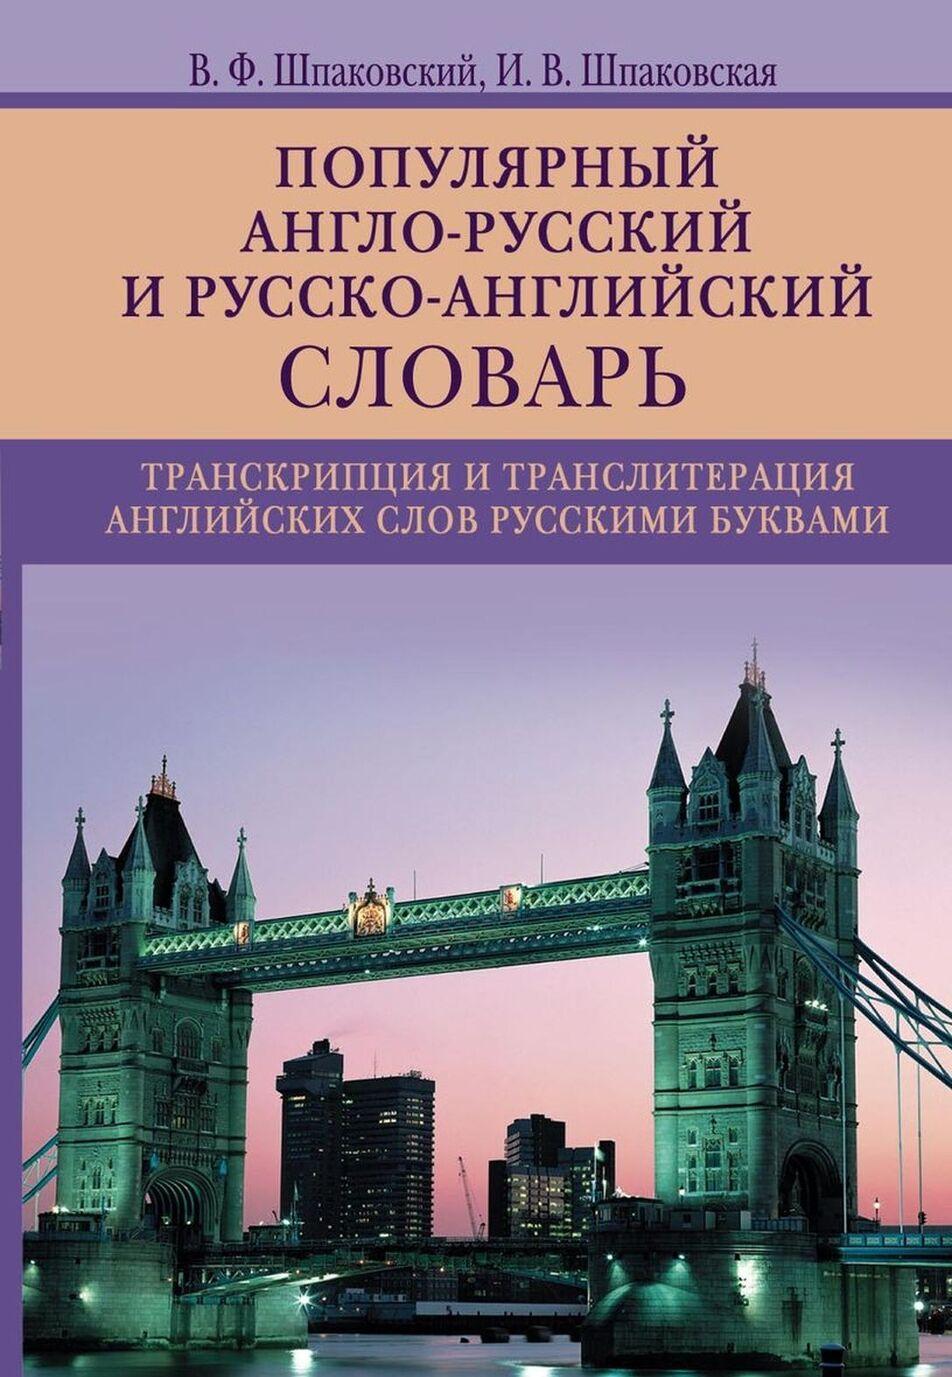 Populjarnyj anglorusskij i russkoanglijskij slovar. Transkriptsija i transliteratsija anglijskikh slov